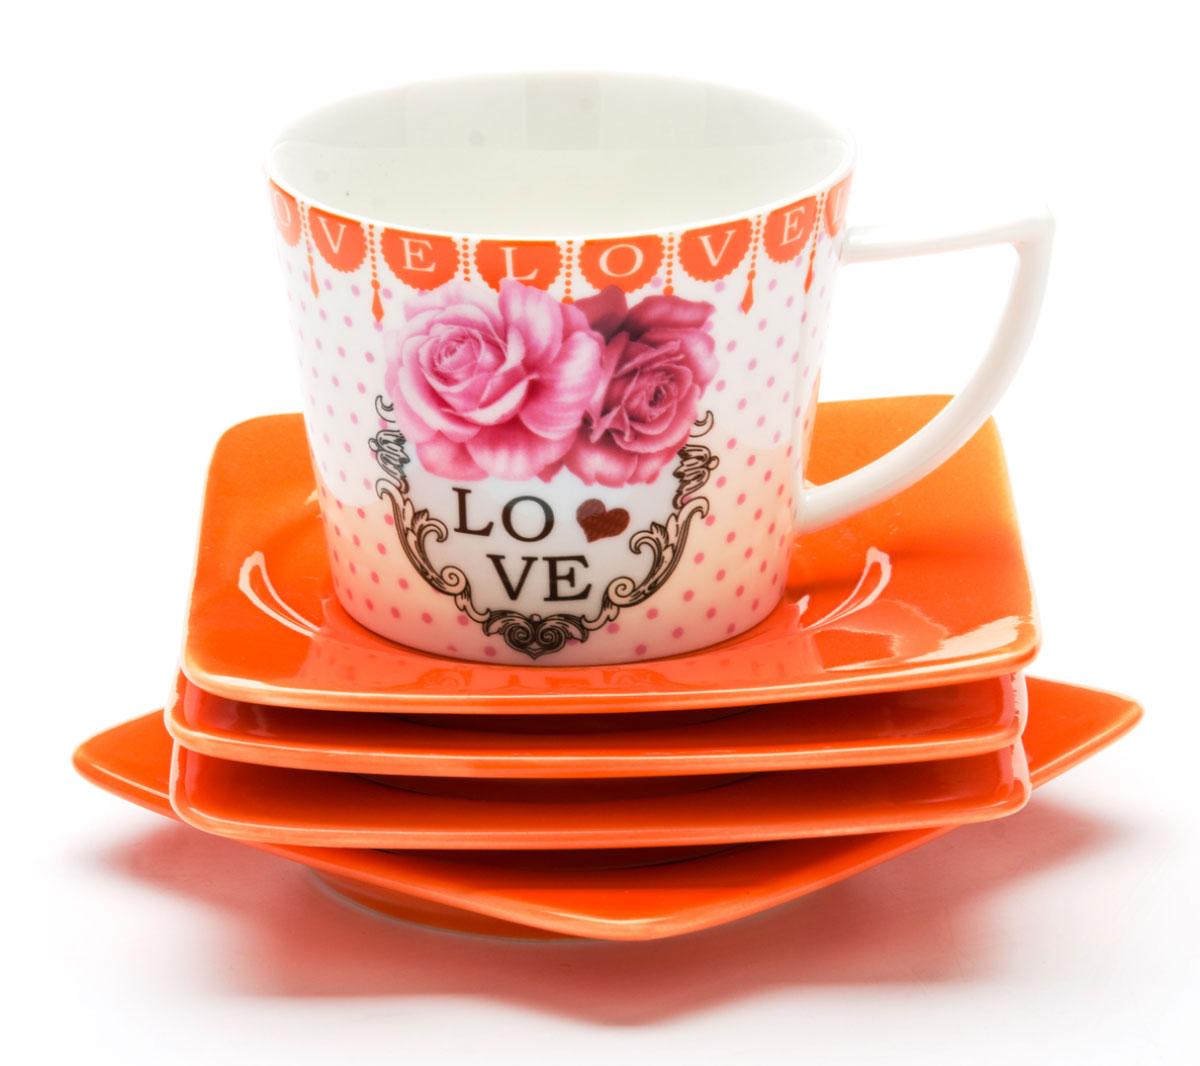 Набор кофейный Mayer & Boch, 12 предметов. 2471824718Кофейный набор Mayer & Boch состоит из 6 чашек и 6 блюдец, выполненных из высококачественой керамики. Чашка оформлена ярким изображением и надписью Love. Изящный дизайн и красочность оформления придутся по вкусу и ценителям классики, и тем, кто предпочитает современный стиль. Чайный набор - идеальный и необходимый подарок для вашего дома и для ваших друзей в праздники, юбилеи и торжества! Он также станет отличным корпоративным подарком и украшением любой кухни. Набор упакован в подарочную коробку из плотного цветного картона. Внутренняя часть коробки задрапирована белым атласом. Диаметр чашки: 5 см. Высота чашки: 6,5 см. Объем чашки: 100 мл. Размеры блюдца: 9,5 х 9,5 х 1 см.